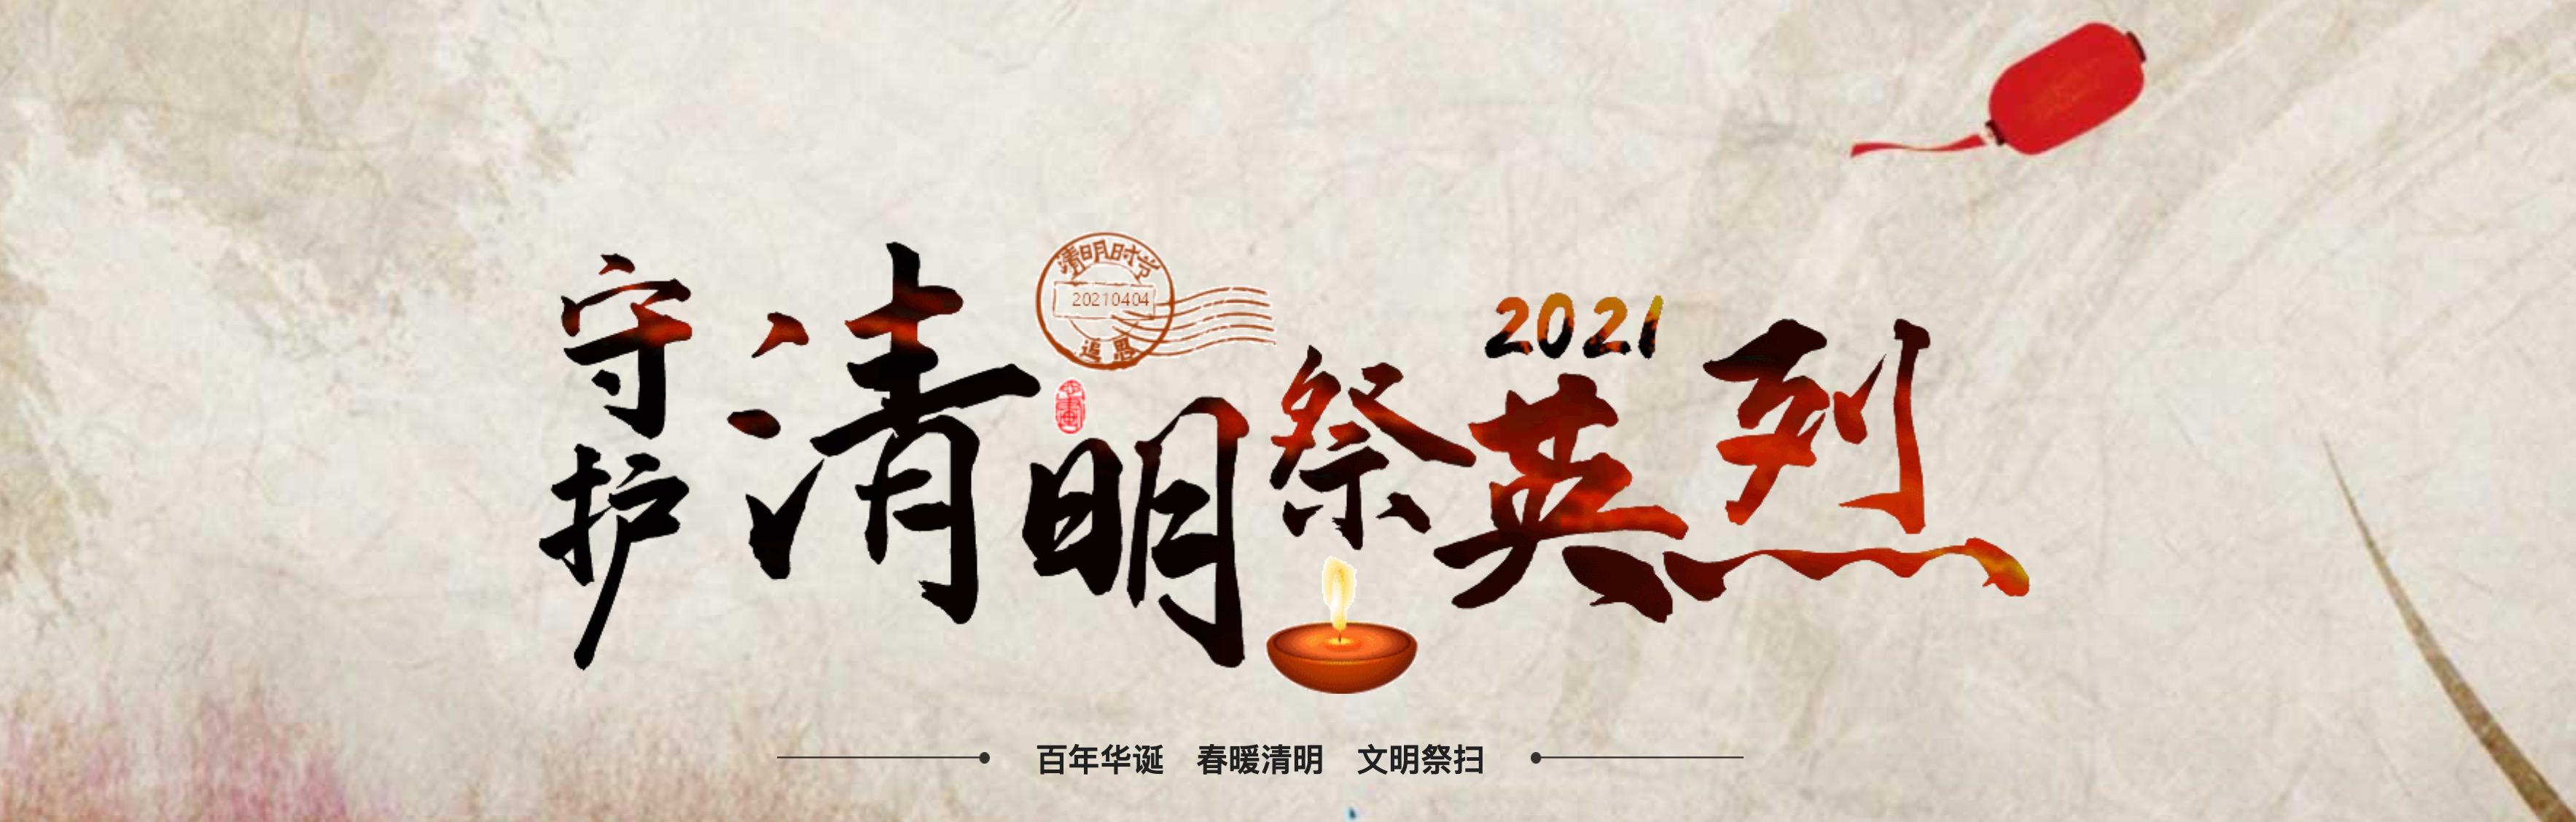 """""""2021百年英烈暨清明祭英烈""""活动"""